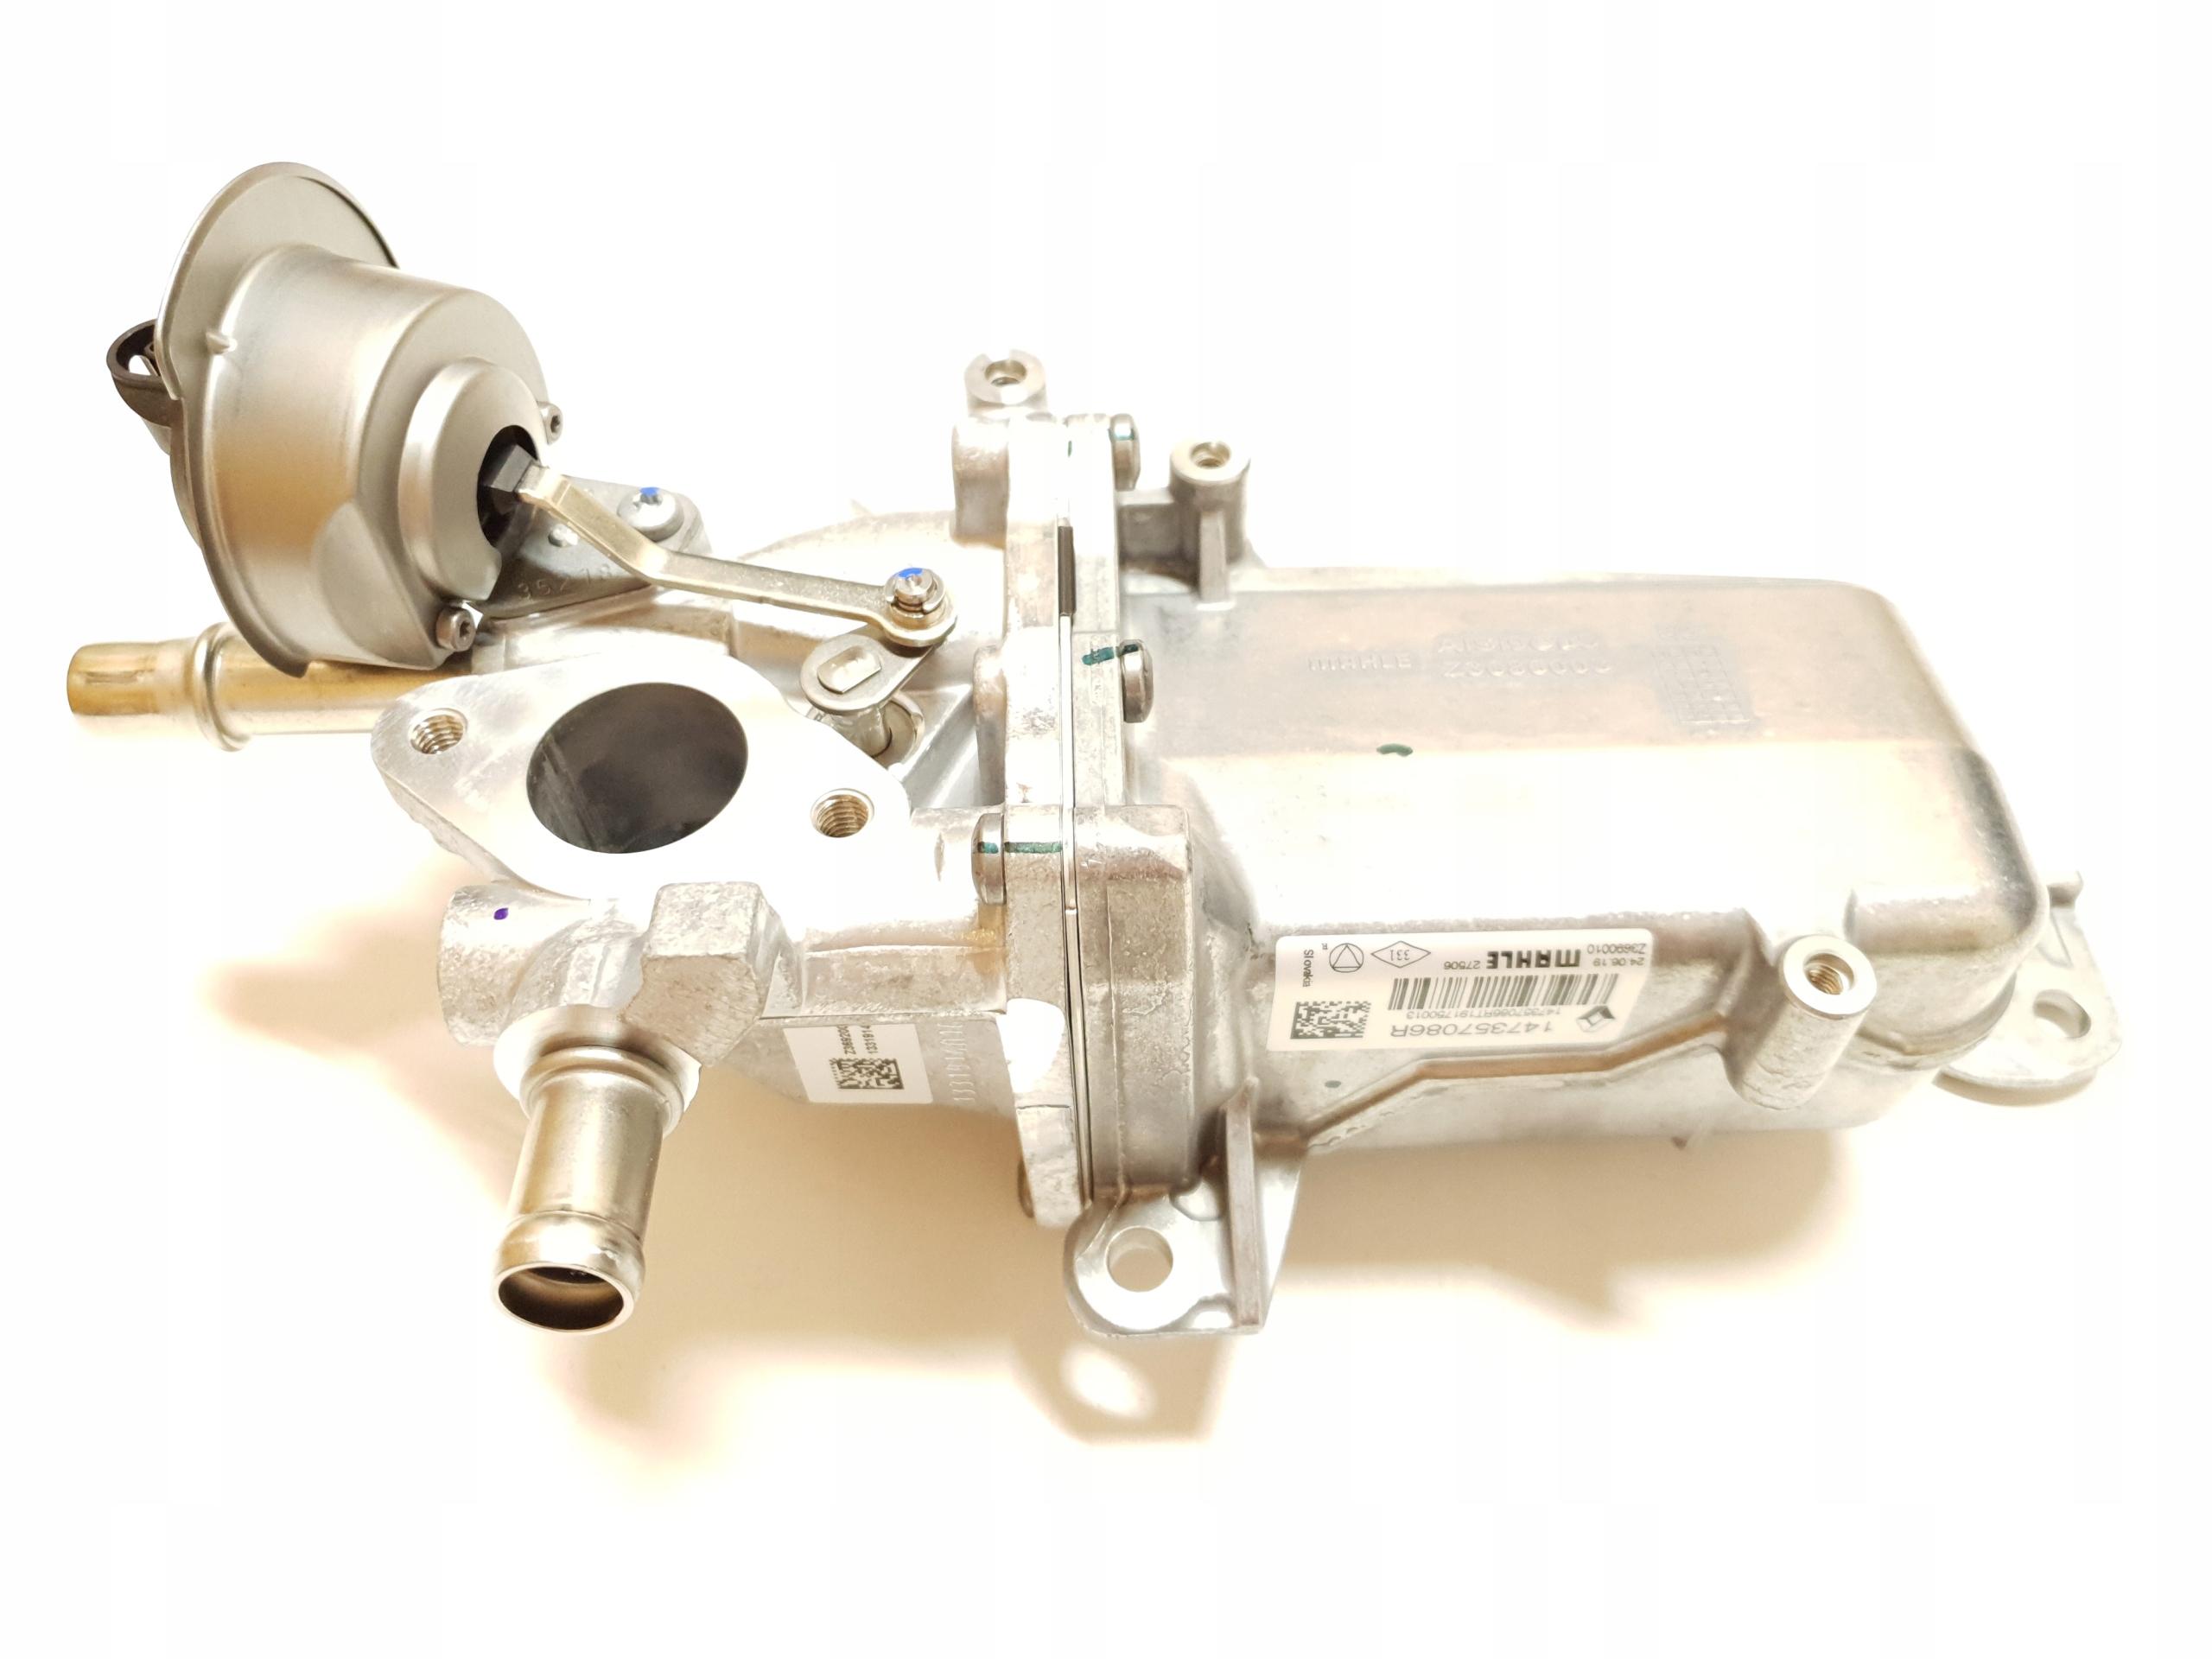 радиатор выхлопных газов системы рециркуляции ог trafic iii vivaro b 16 dci